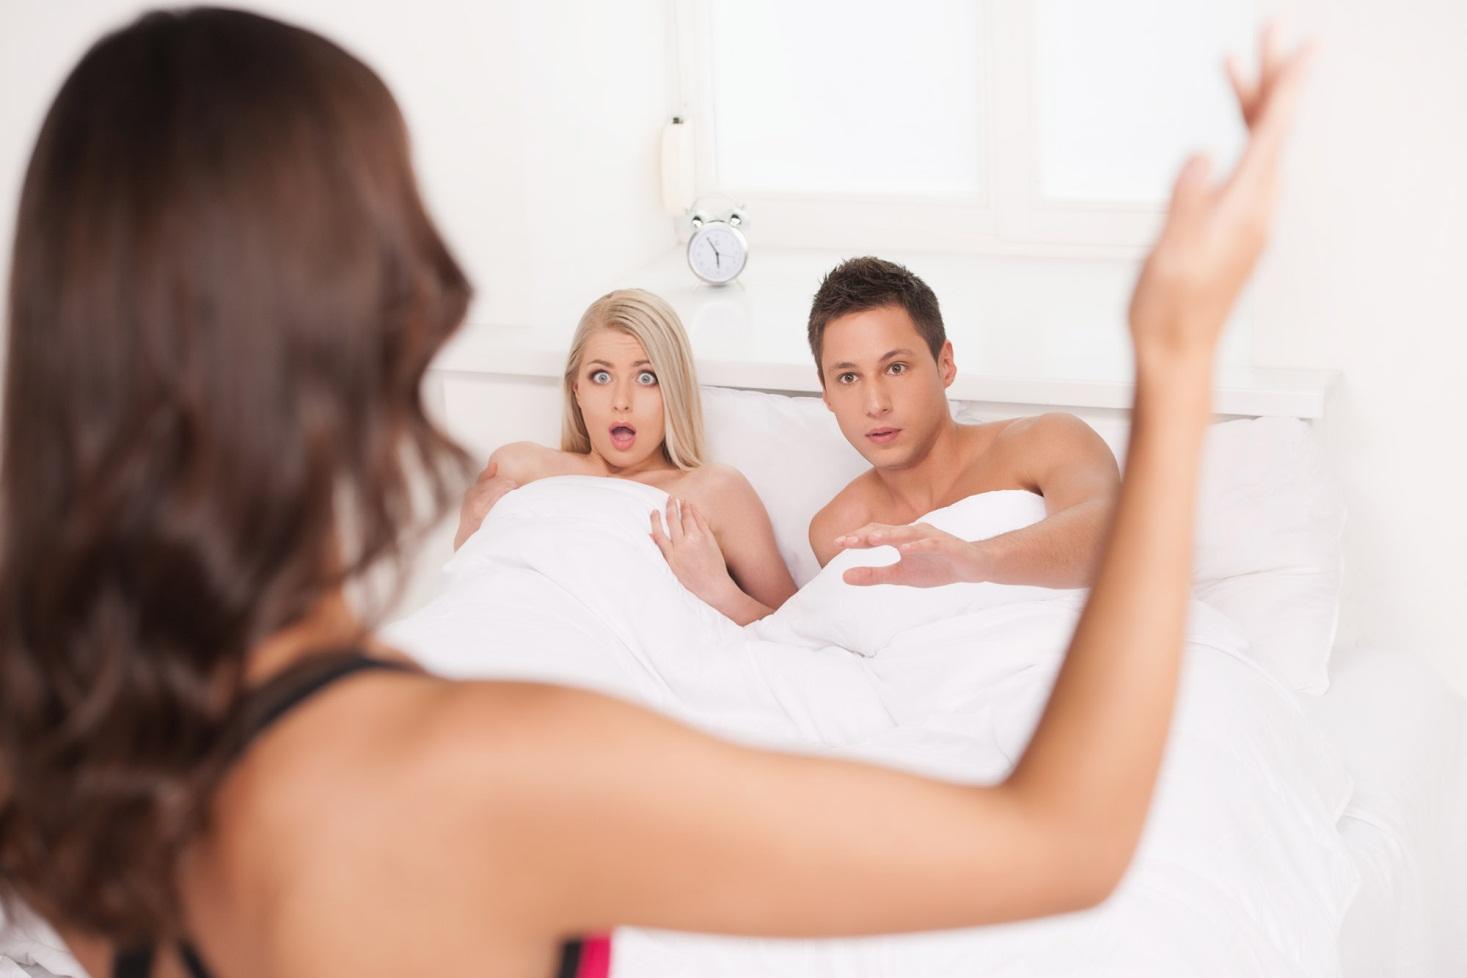 Рассказы выебал мужа и жену, Мою жену ебут в две щели Порно рассказы Измена 11 фотография